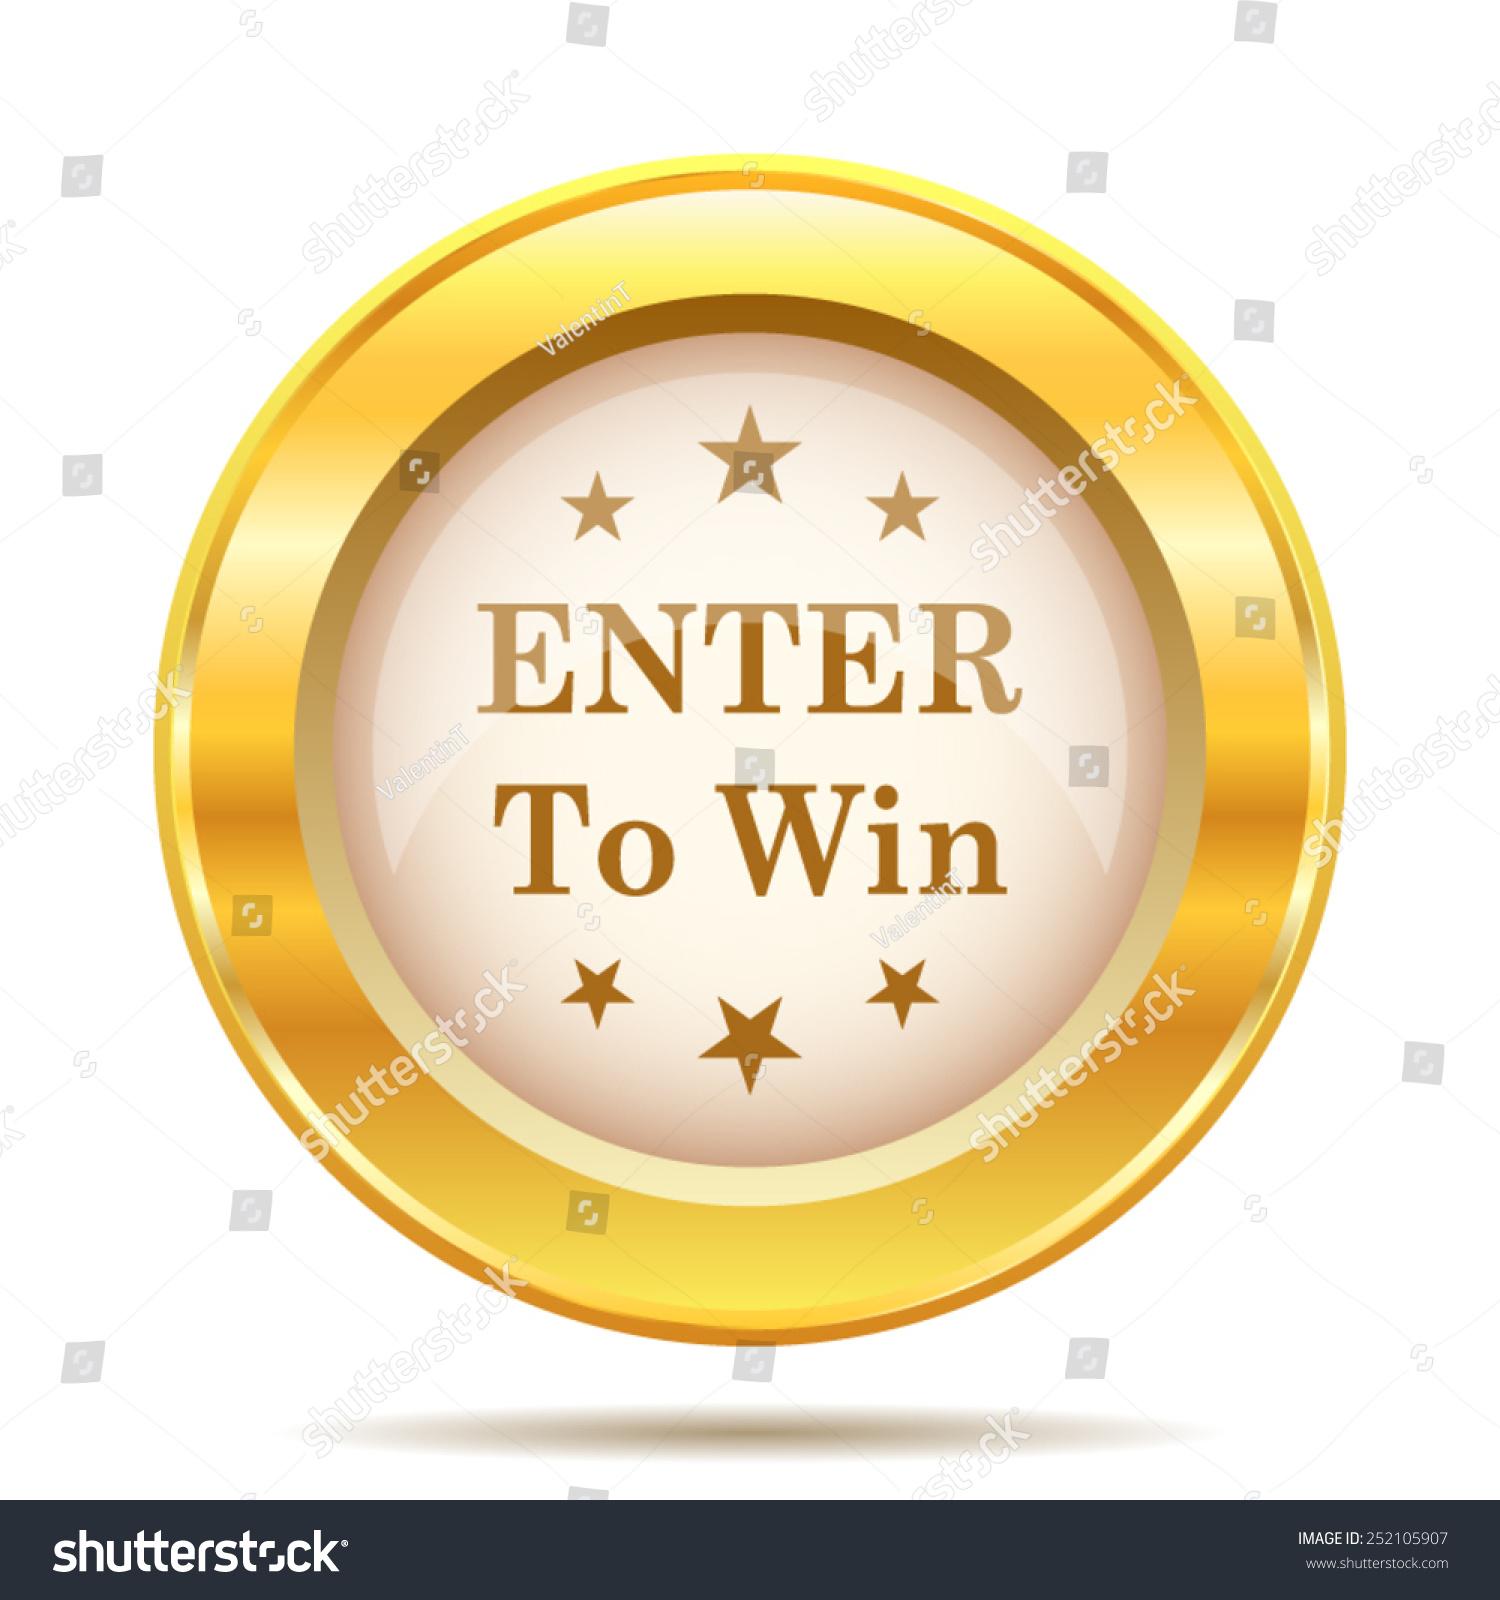 enter to win icon - photo #10